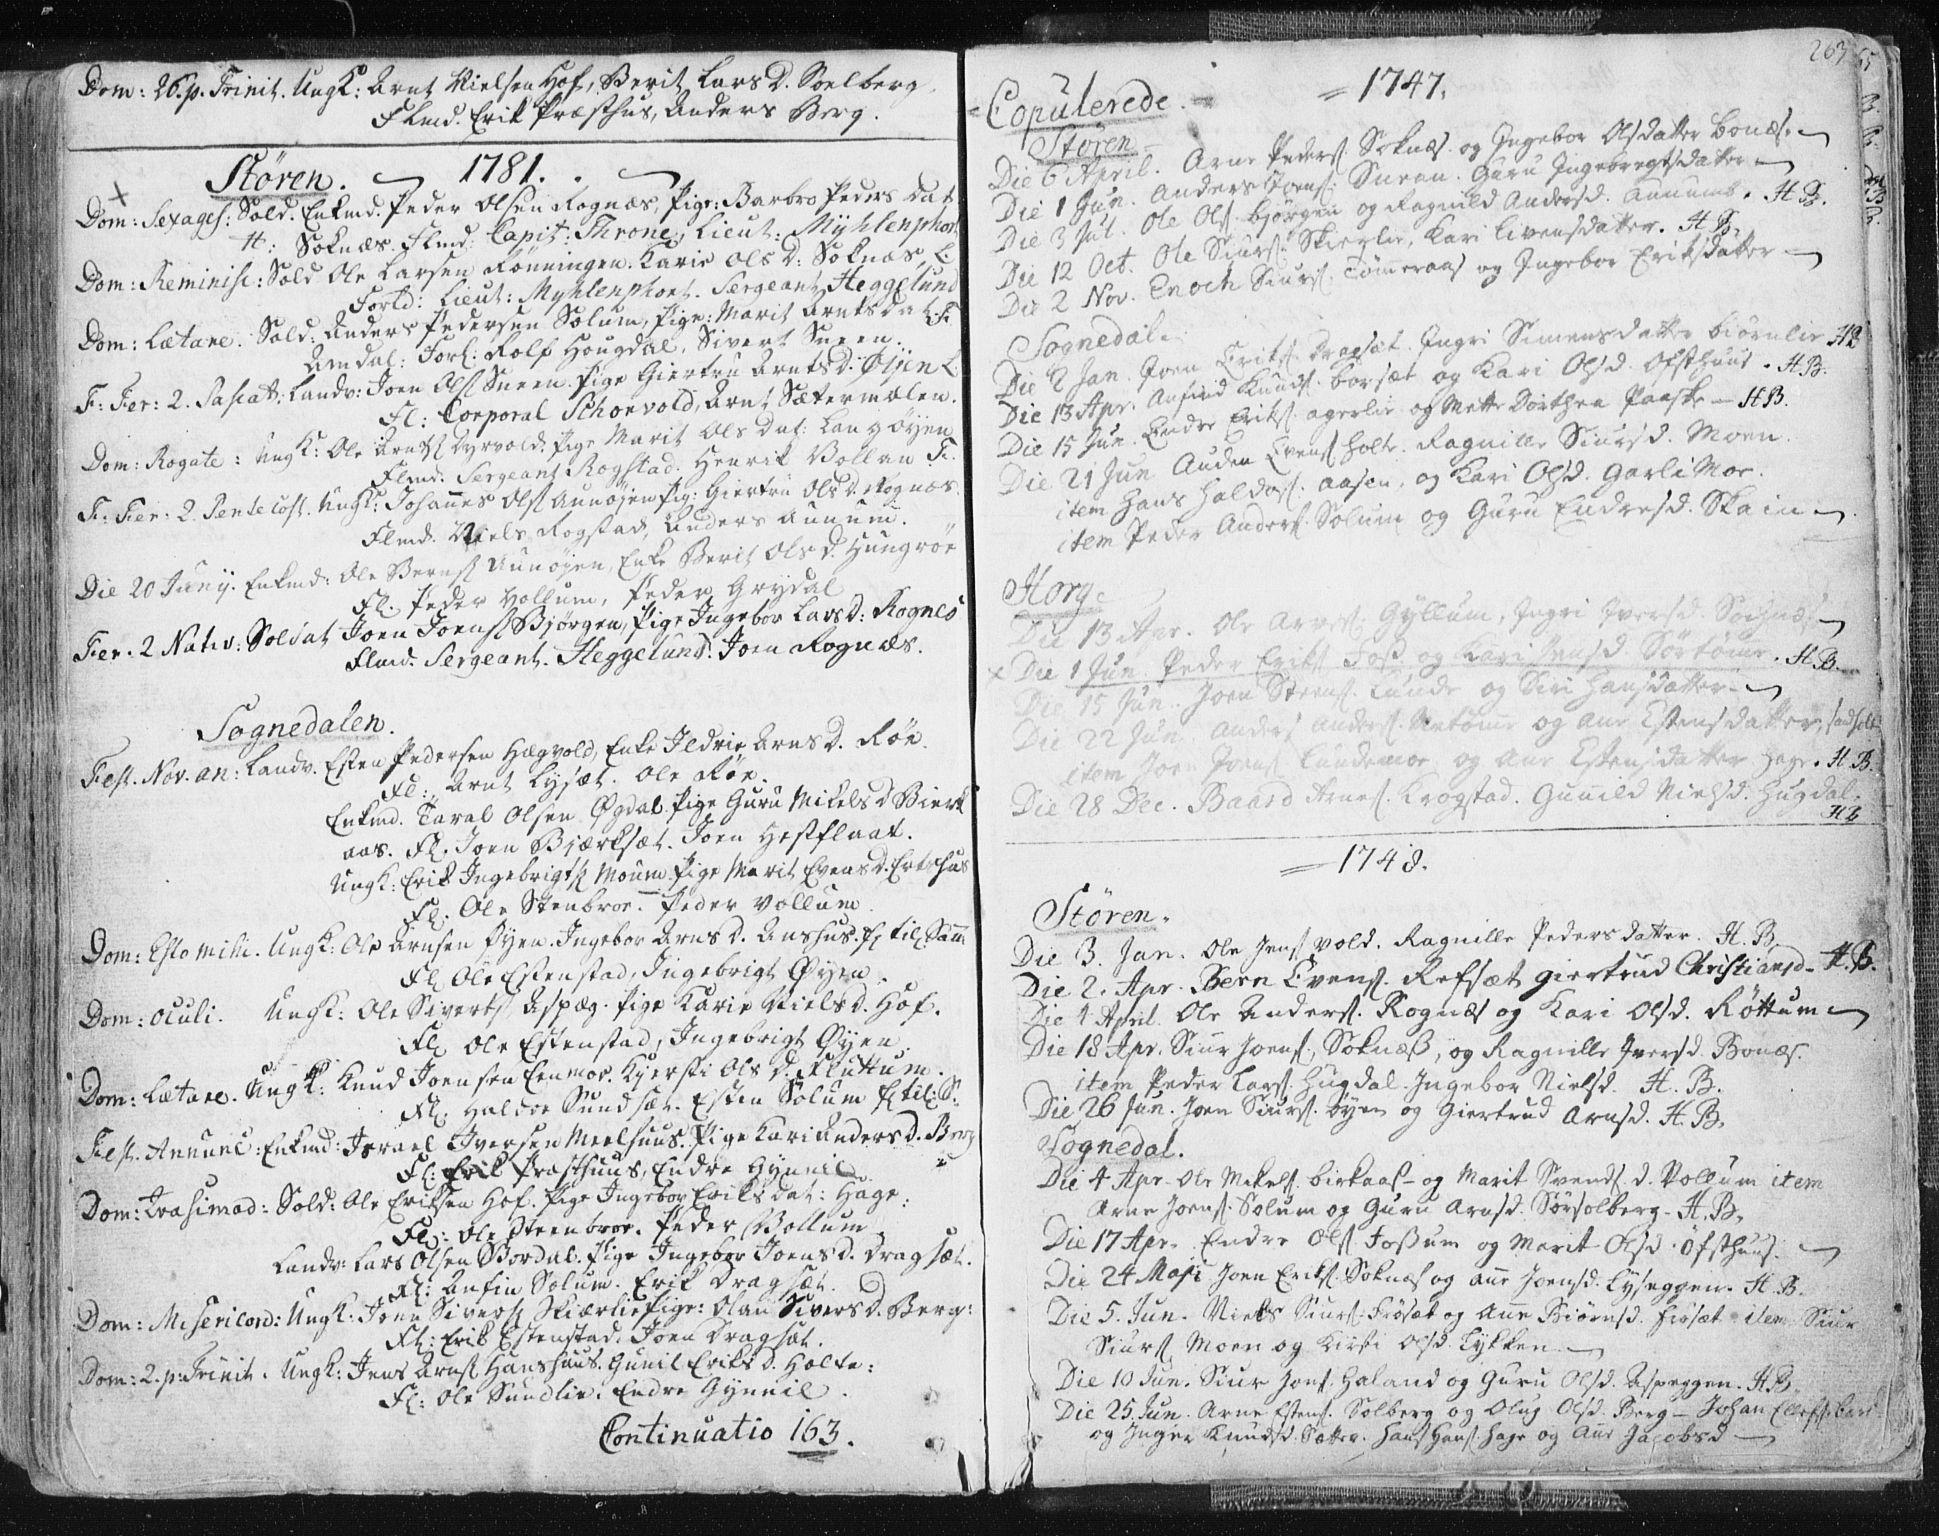 SAT, Ministerialprotokoller, klokkerbøker og fødselsregistre - Sør-Trøndelag, 687/L0991: Ministerialbok nr. 687A02, 1747-1790, s. 263